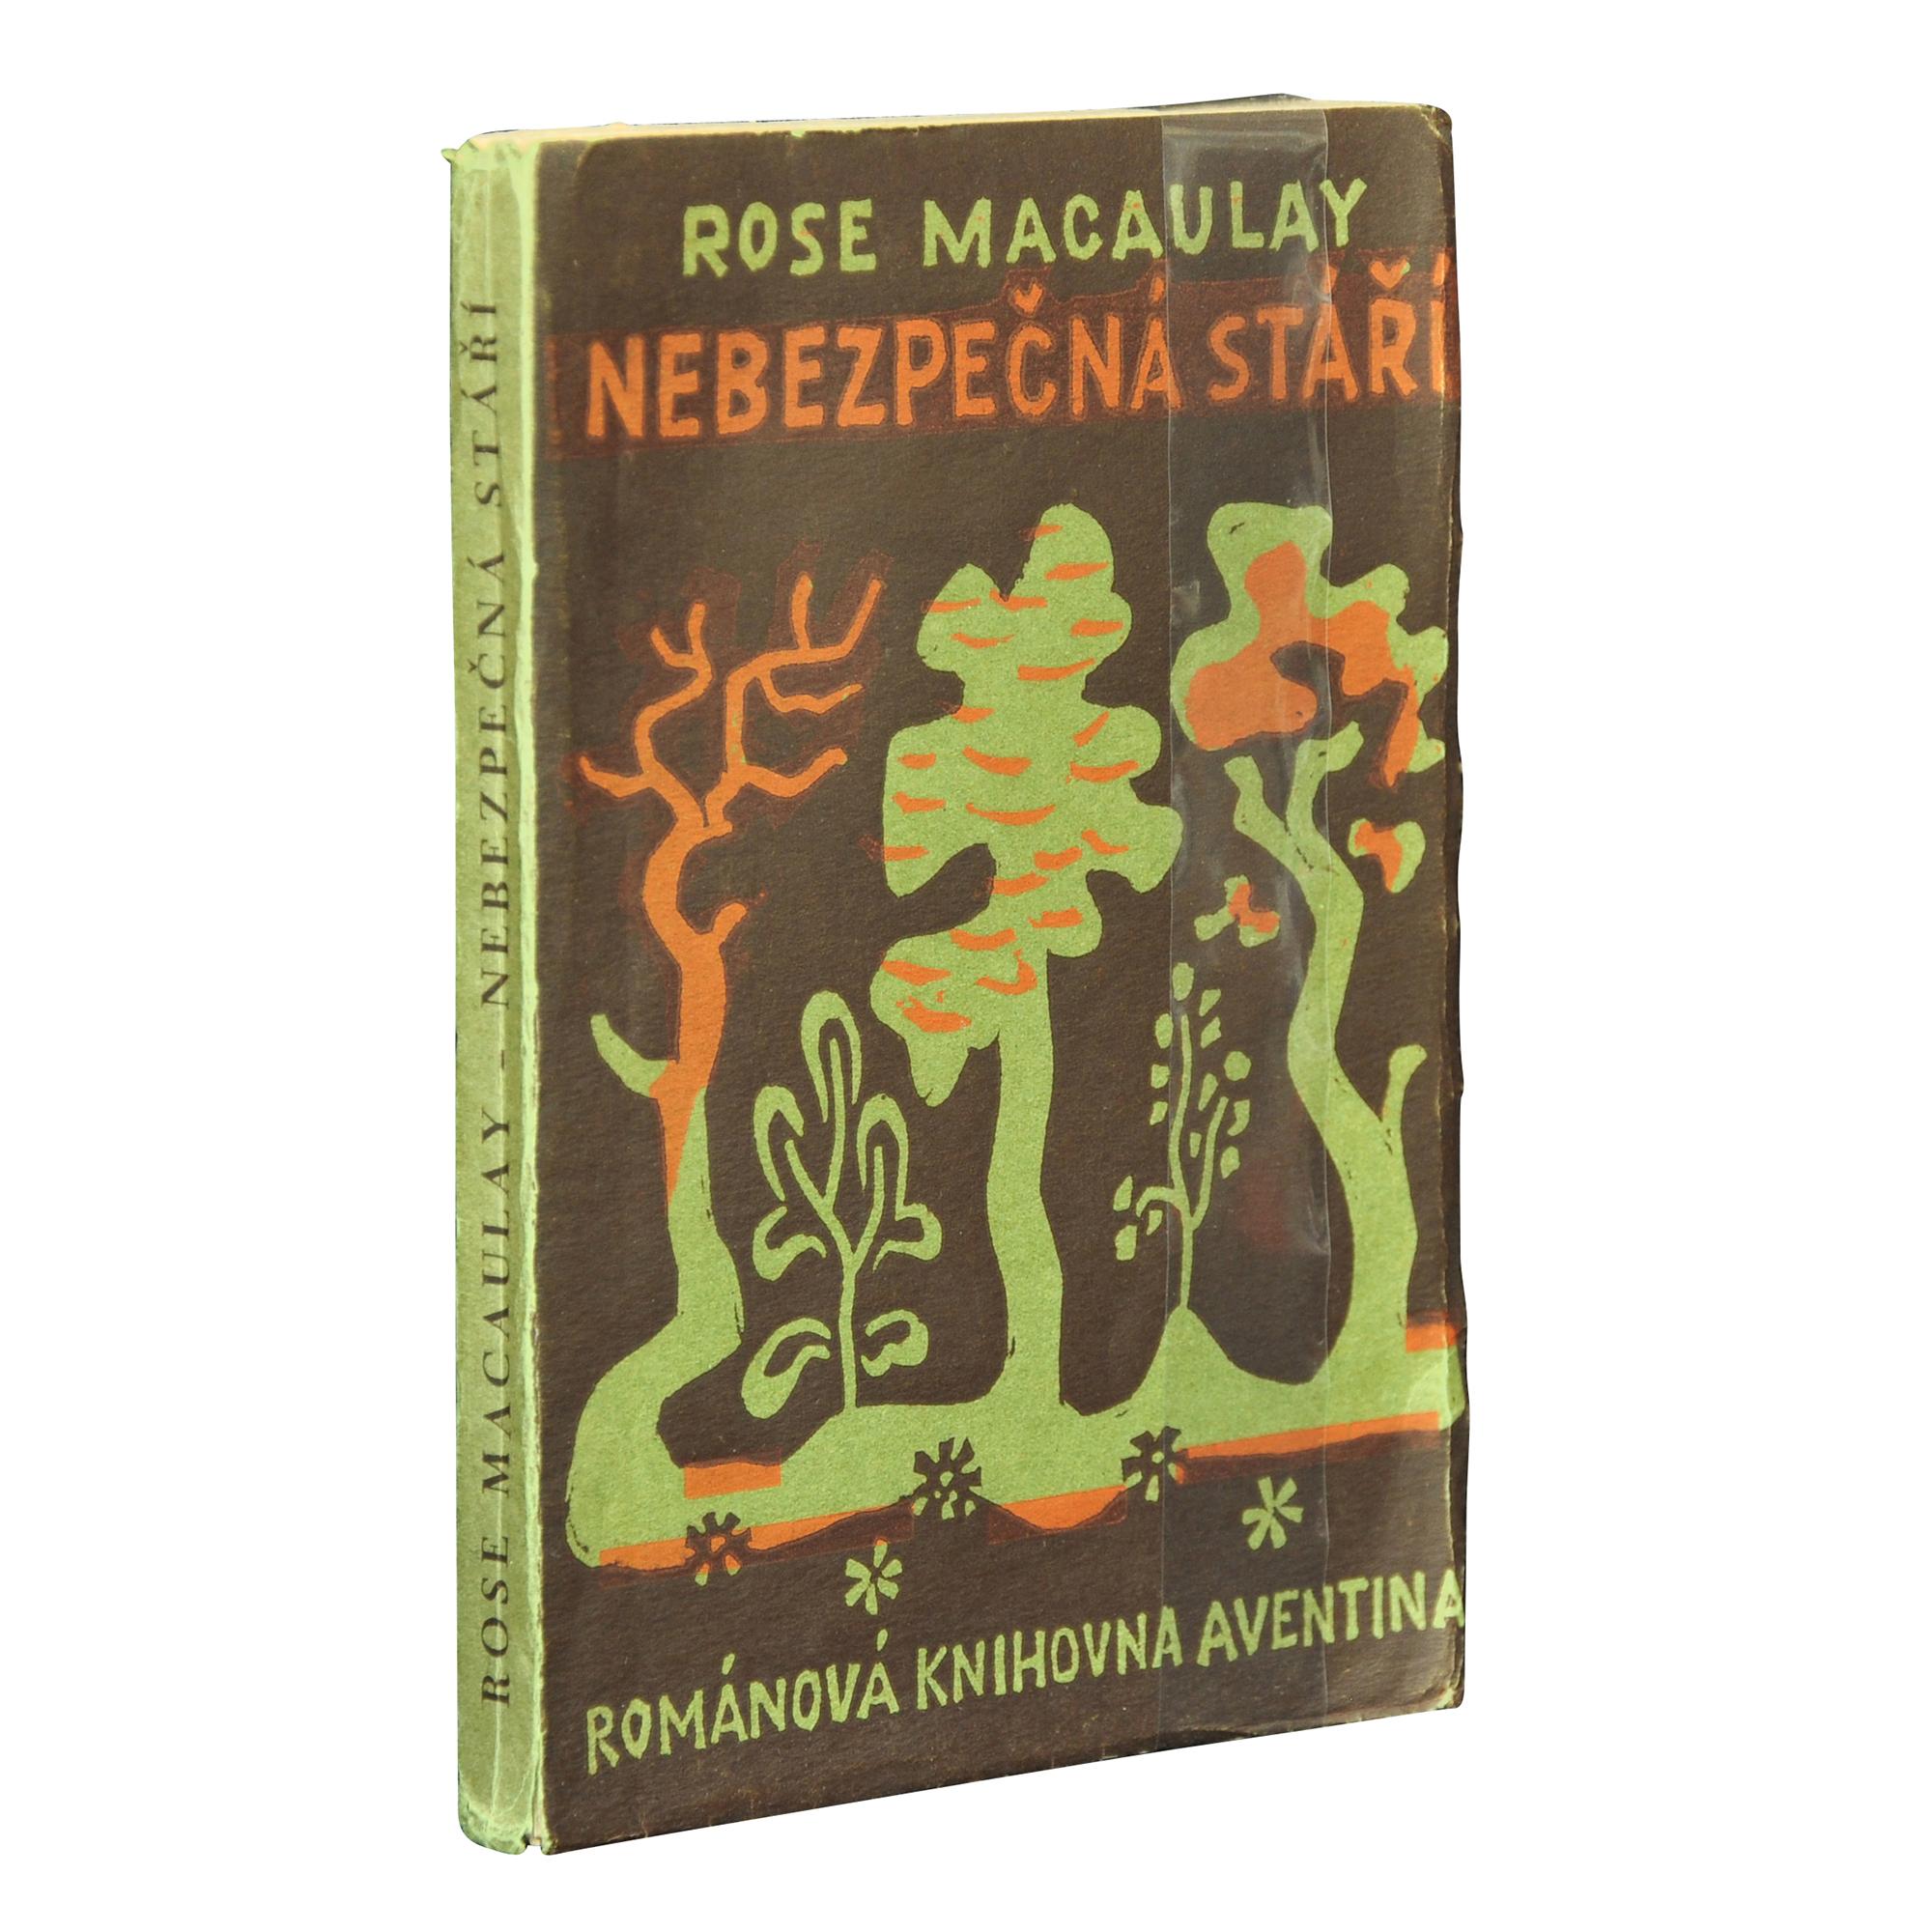 21-1331-Macaulay-Capek-Josef-Nebezpecna-1926.jpg